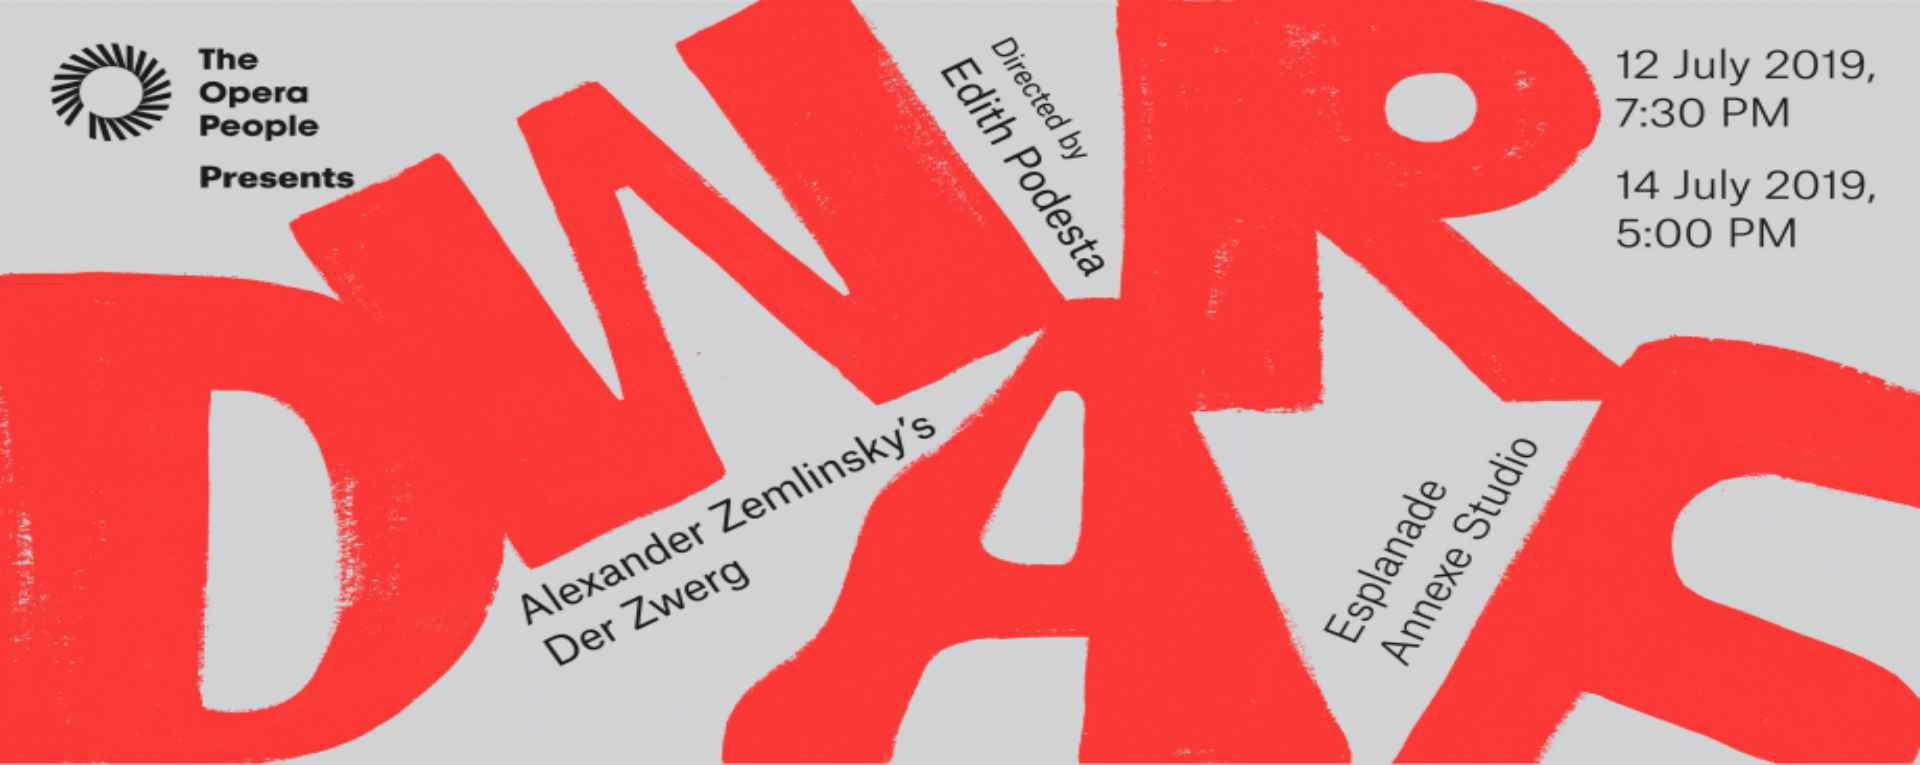 The Opera People Presents: Dwarf - Alexander Zemlinsky's Der Zwerg